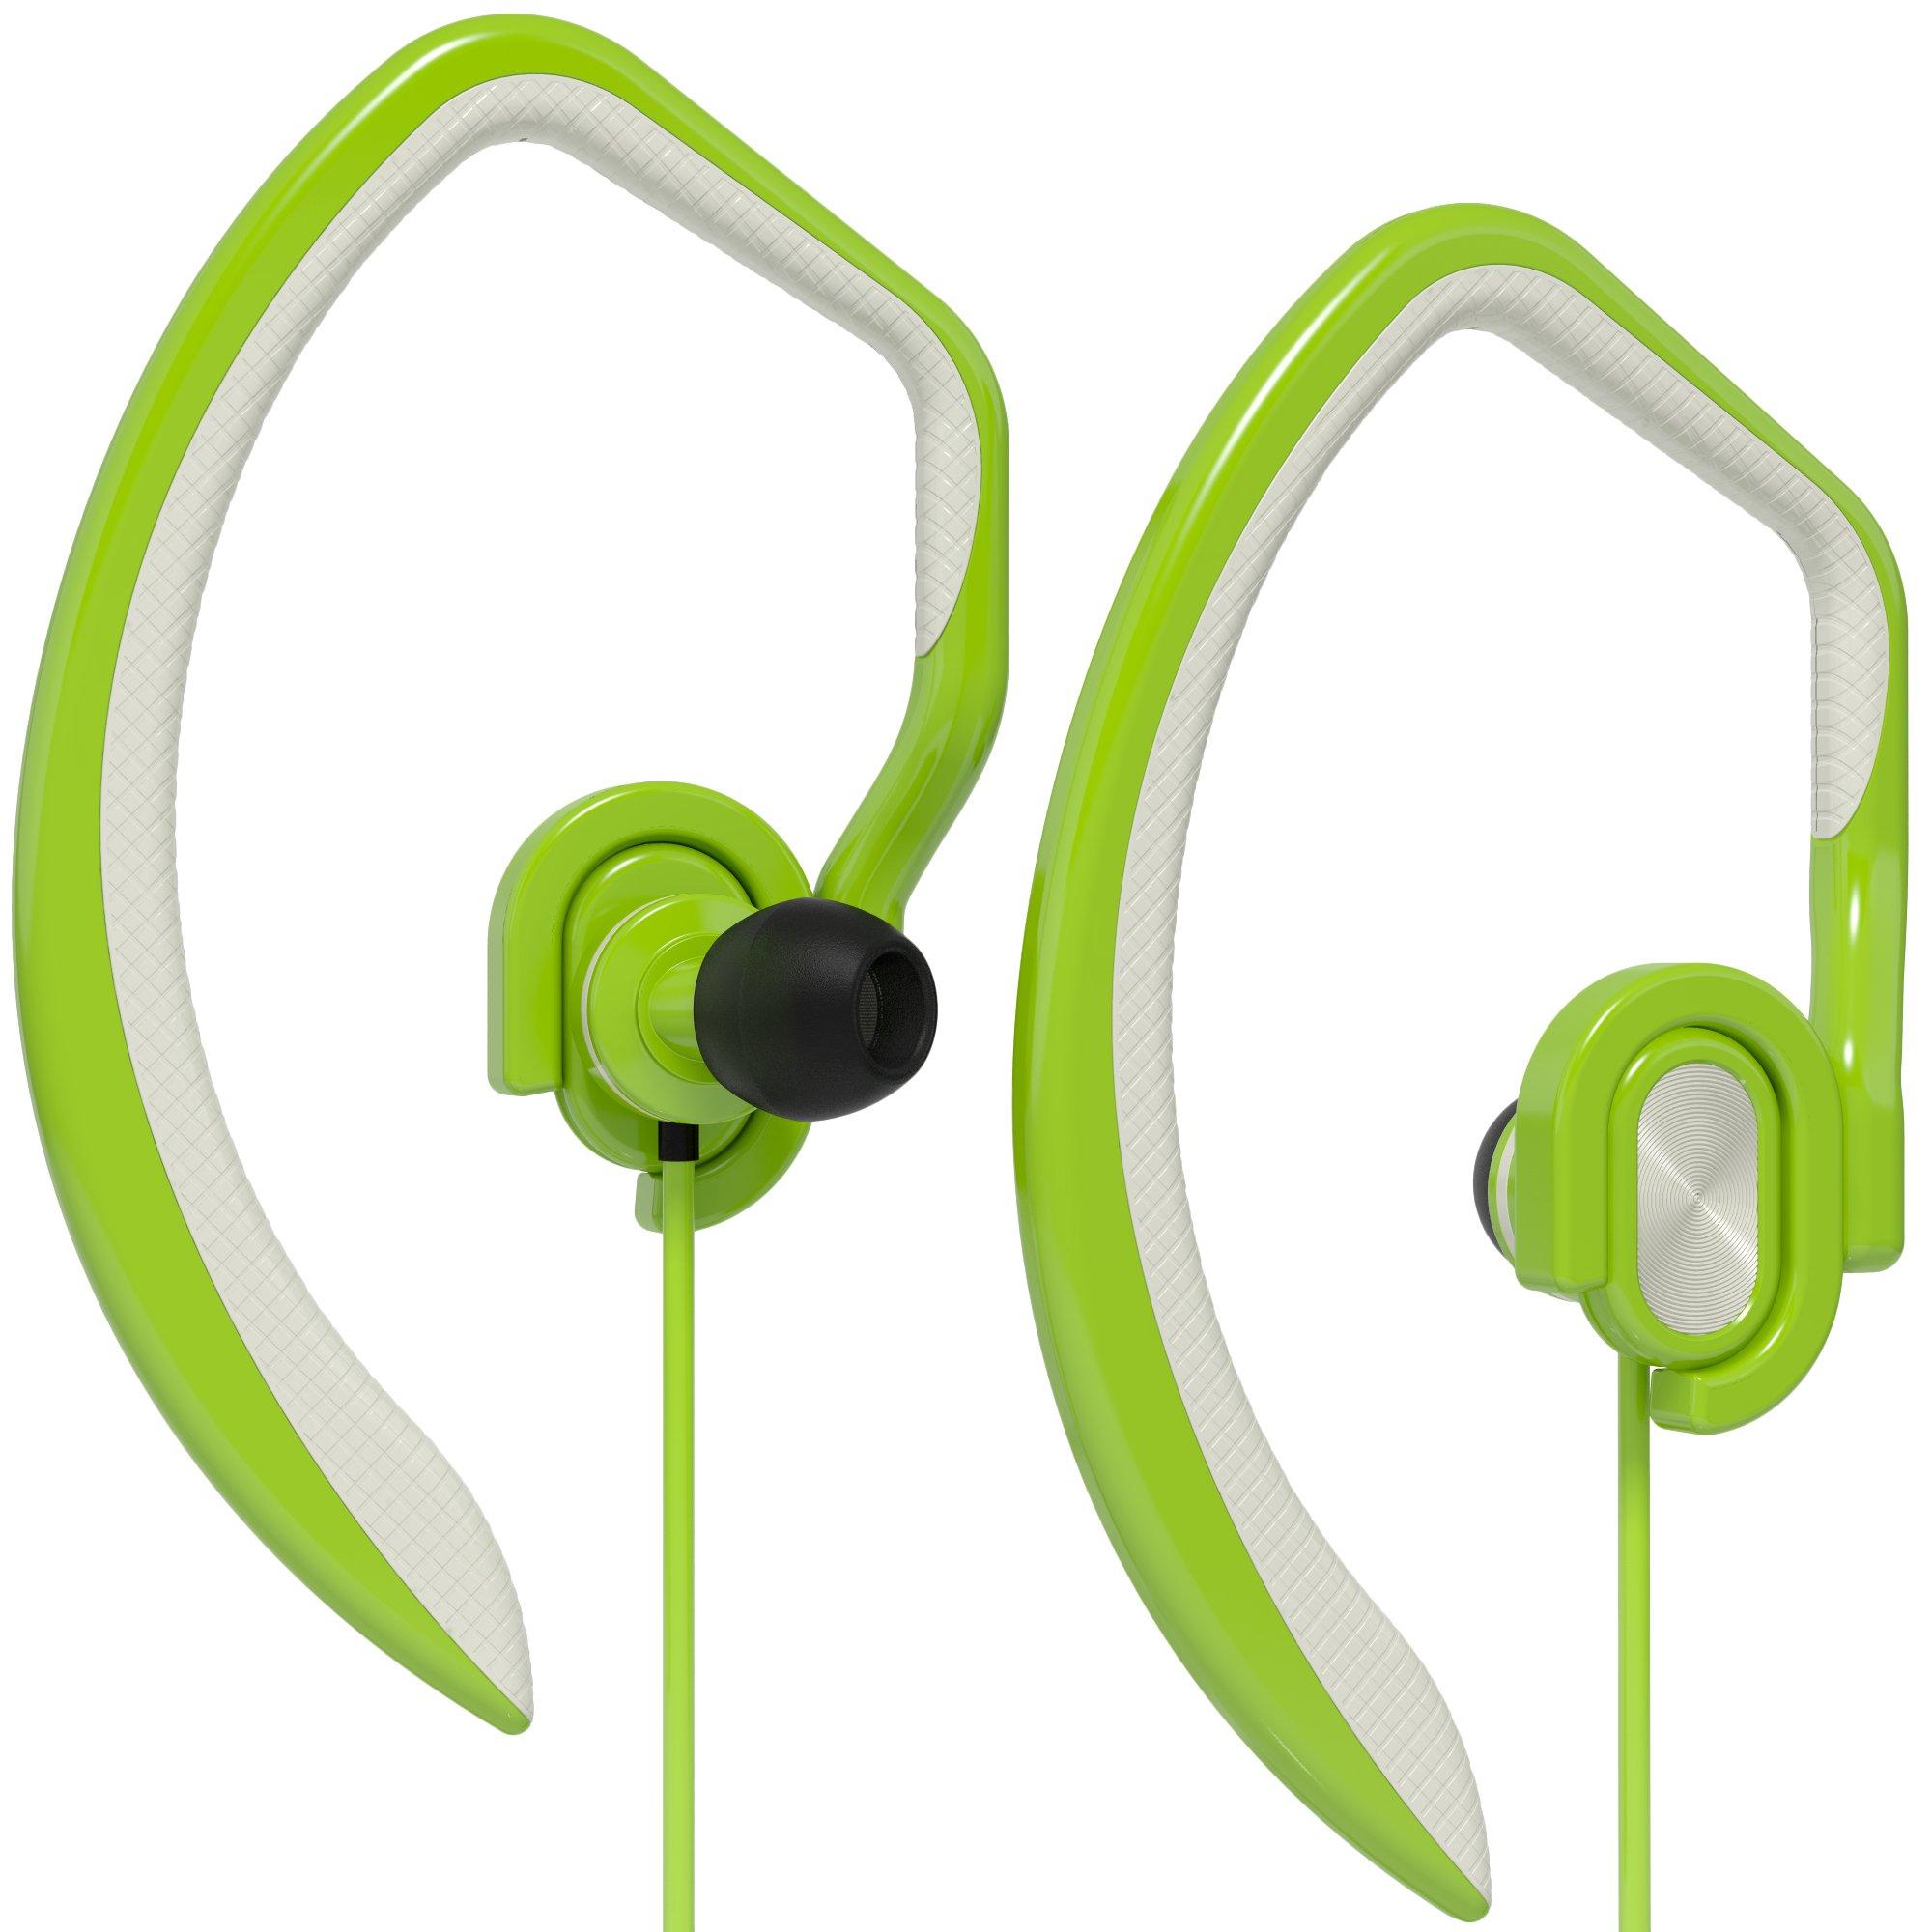 Headphones XJR Lightweight Sweat Proof Smartphones